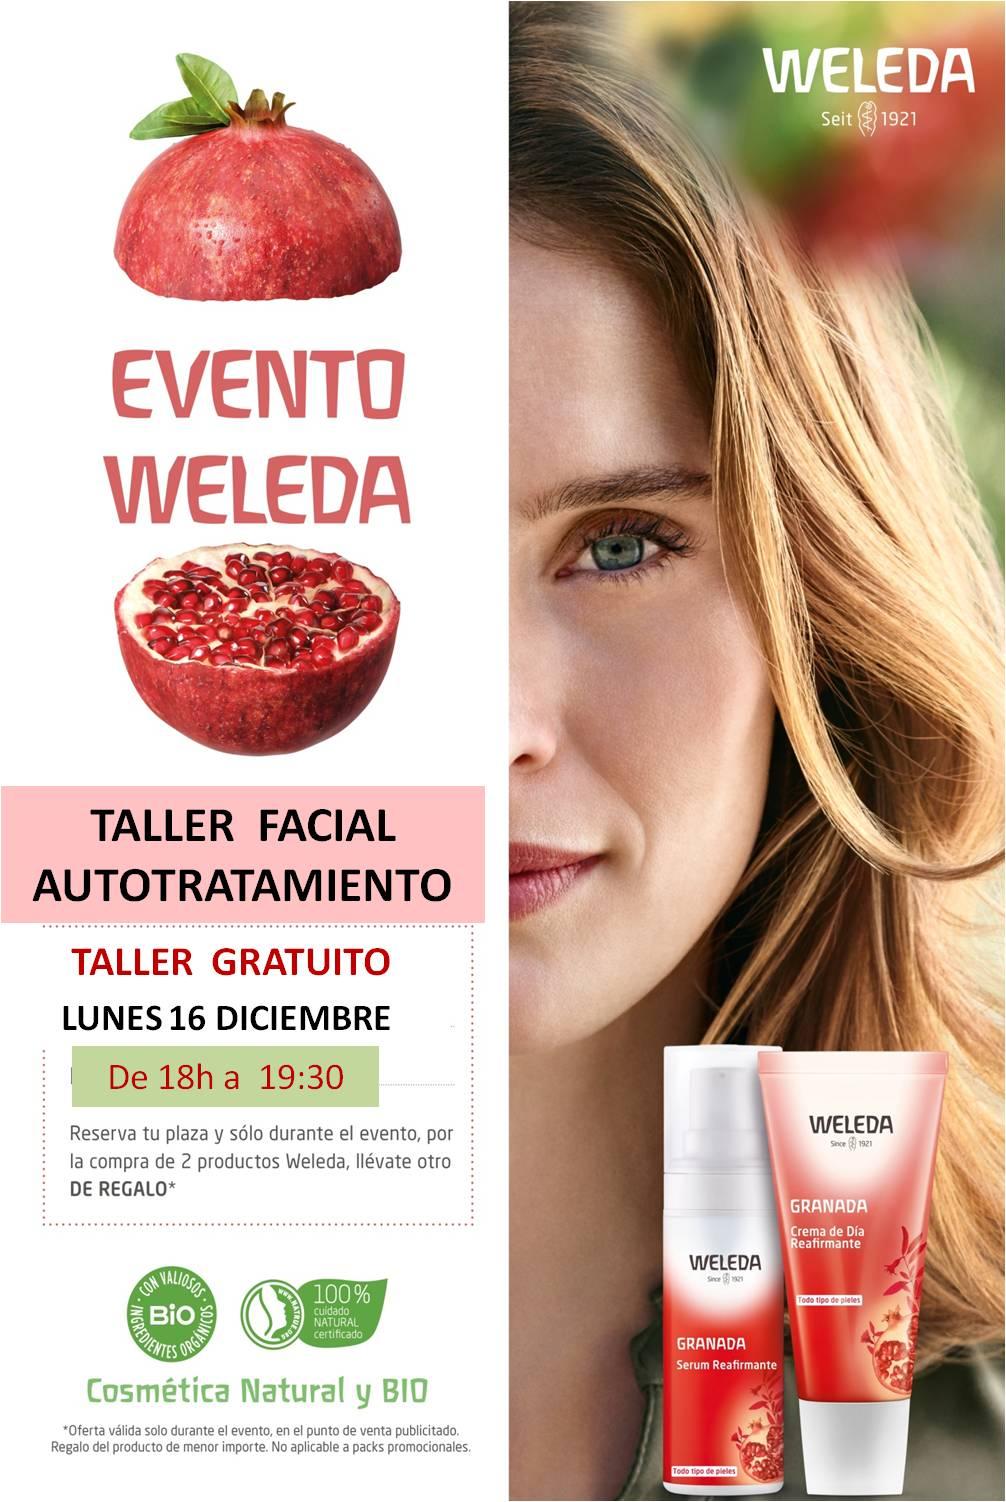 Weleda: Taller facial autotratamiento con Cosmética Natural. Taller gratuito.